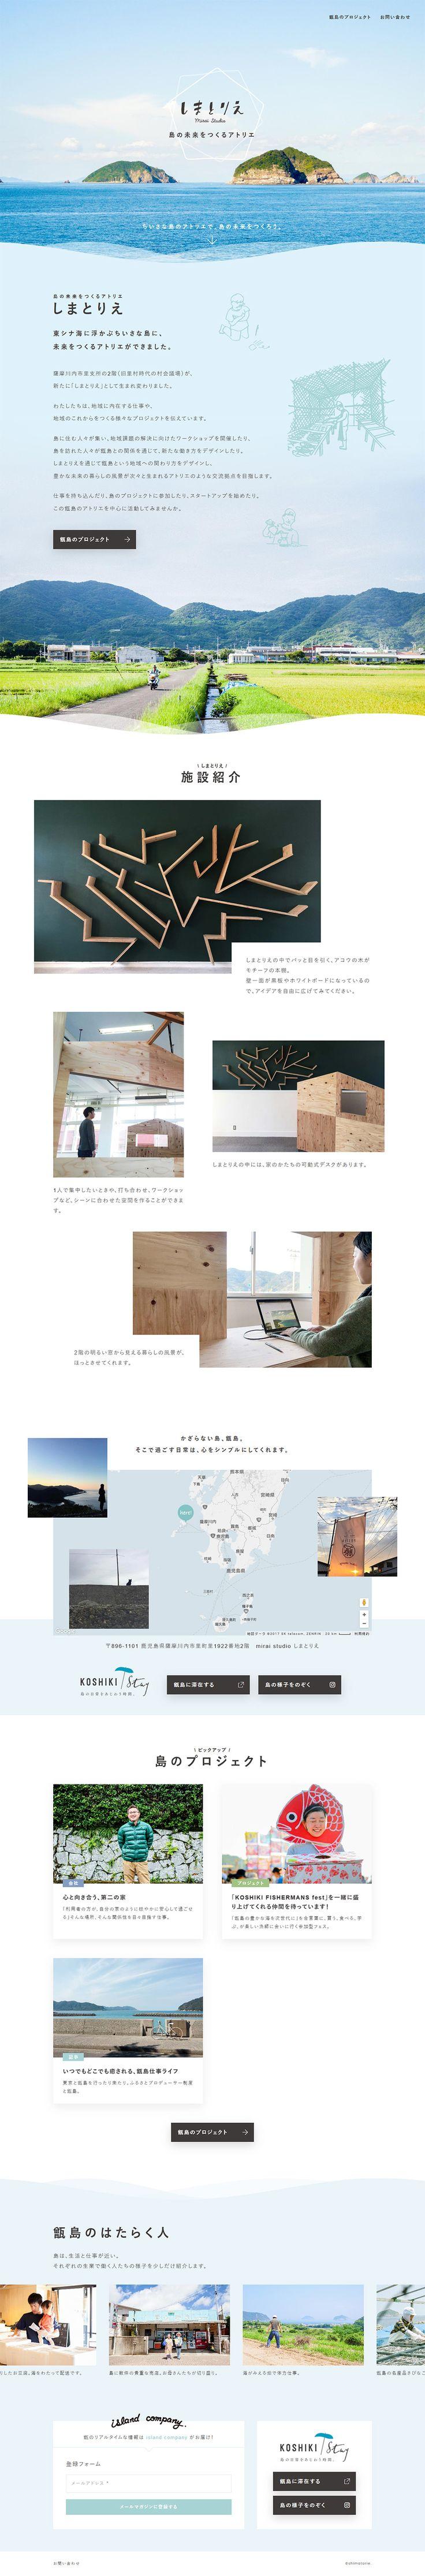 しまとりえ WEBデザイナーさん必見!ランディングページのデザイン参考に(アート・芸術系)